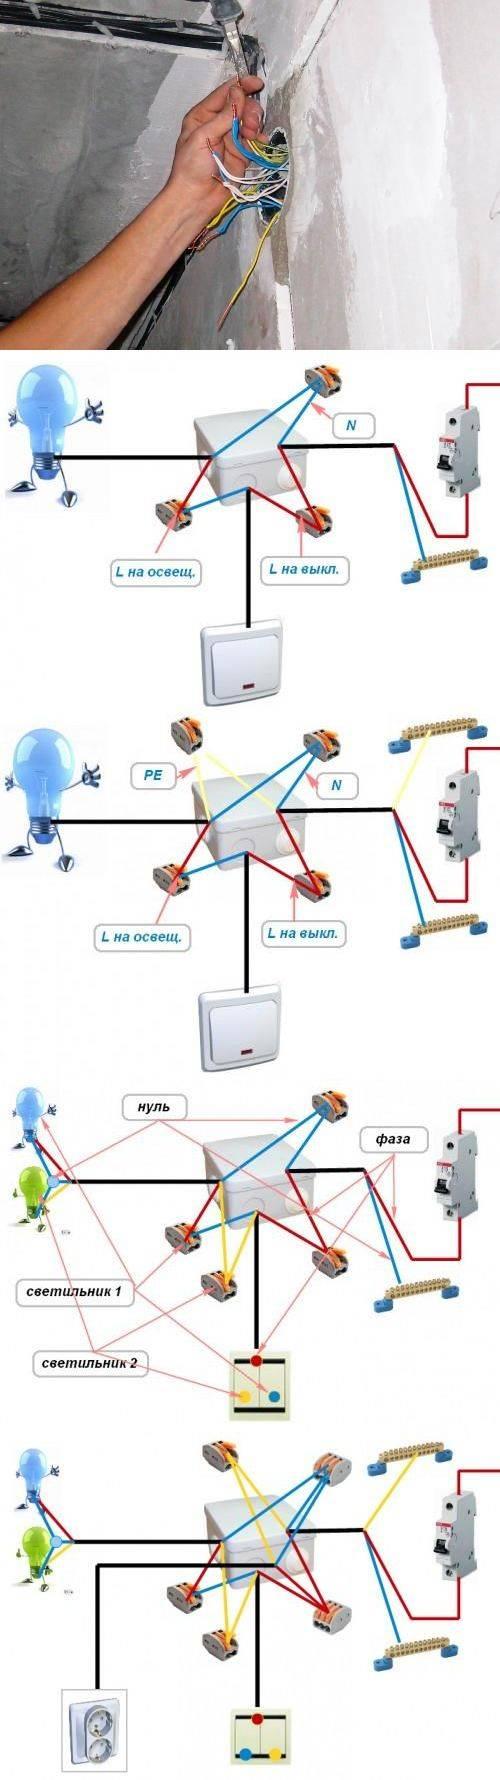 Как соединить провода в коробке: скрутка, пайка, опрессовка проводов, применение самозажимных клемм